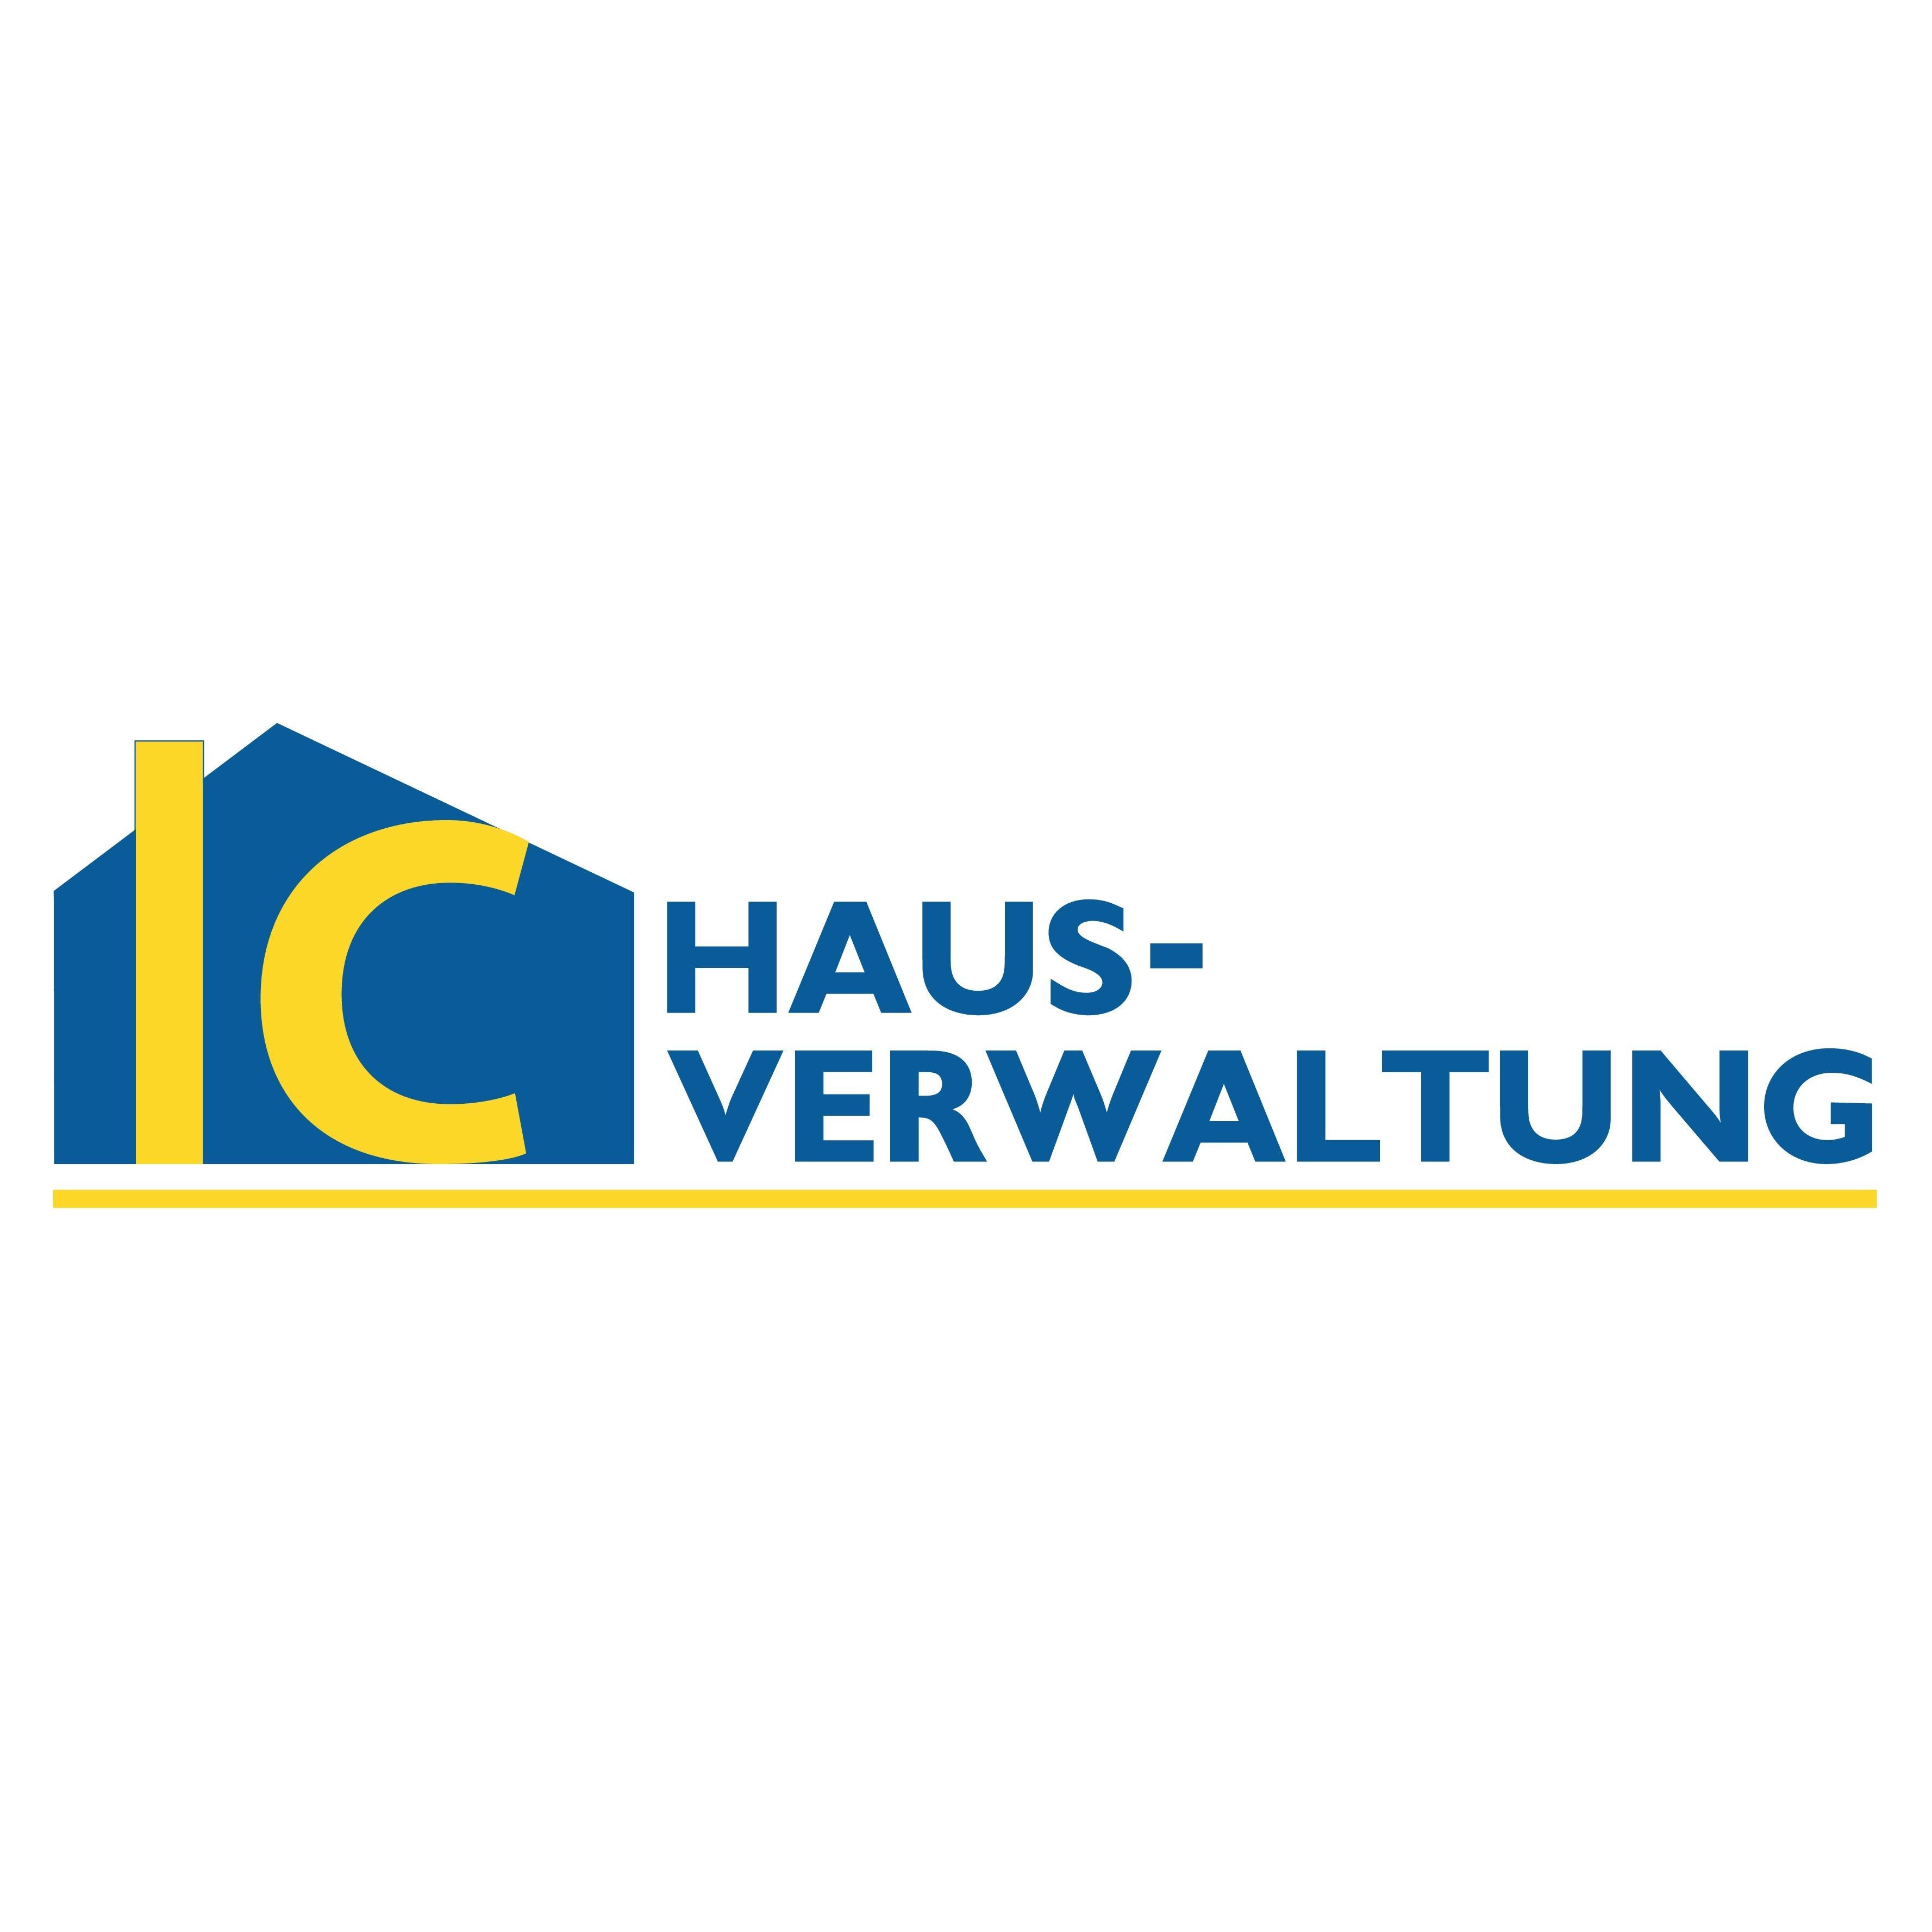 Logo von IC-Hausverwaltung